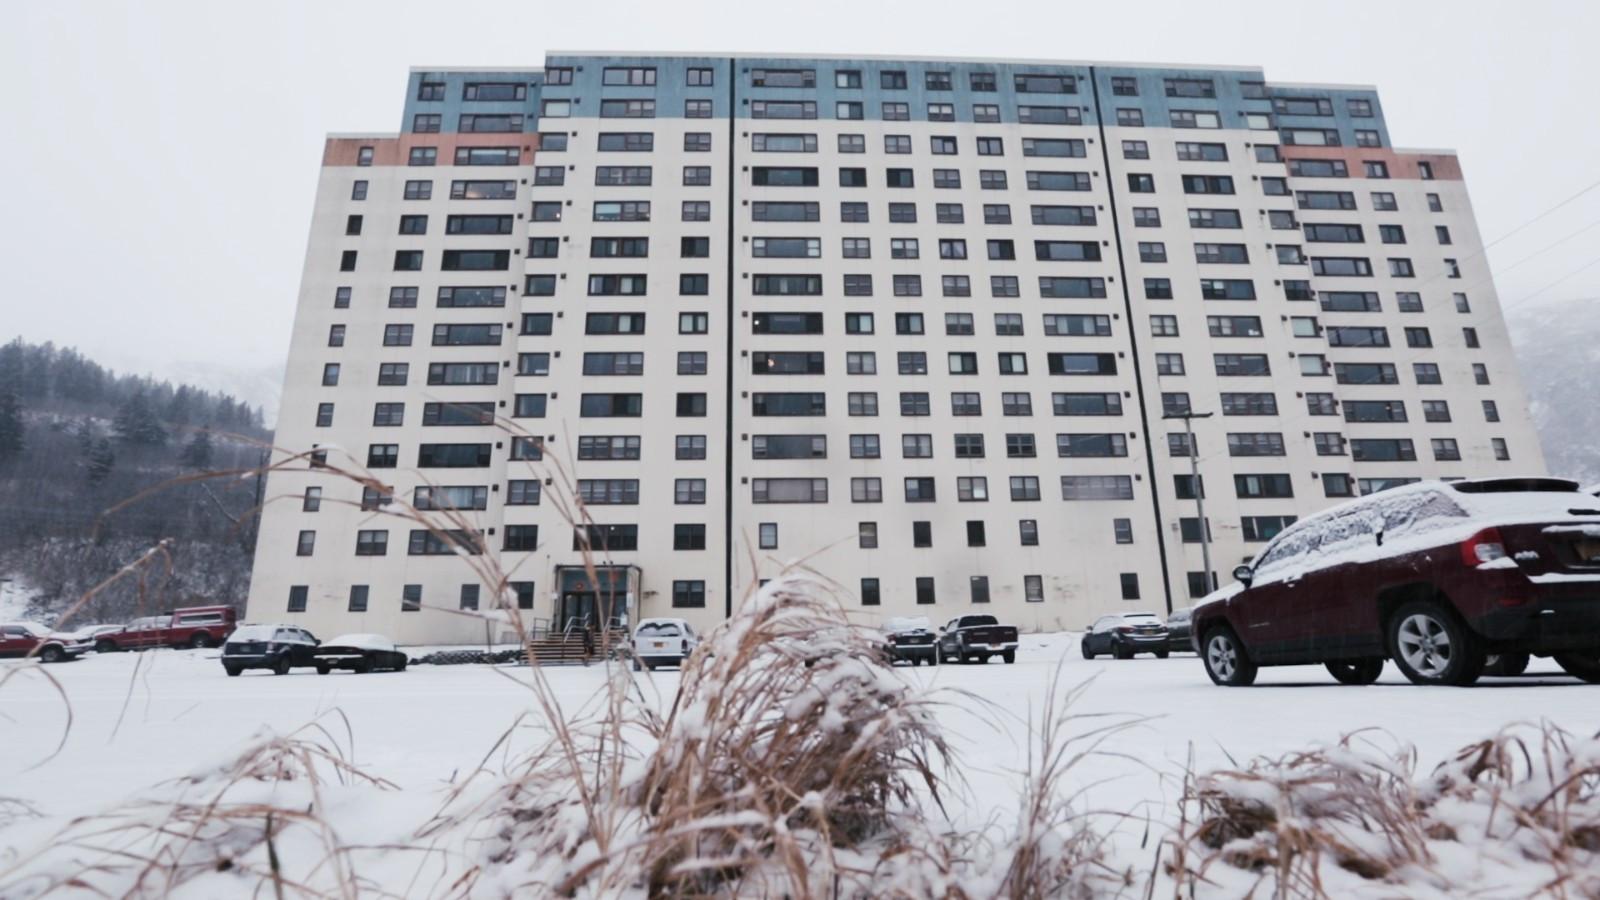 美国小镇居民因惧怕寒冷搬进同一幢楼,而俄国网友表示简直太弱了